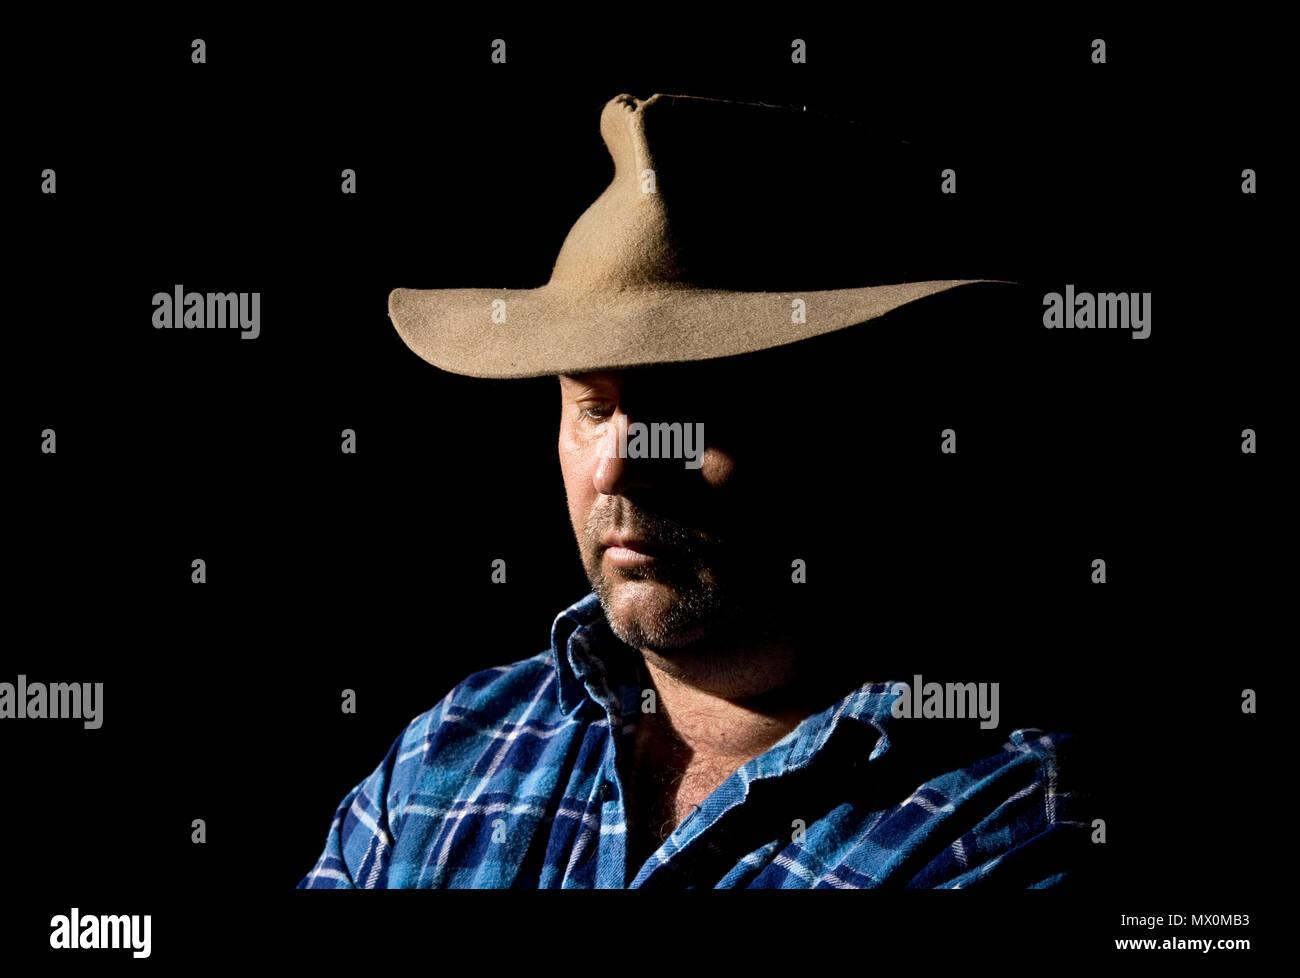 Un homme à la recherche vers le bas avec les yeux baissés. Photo Stock